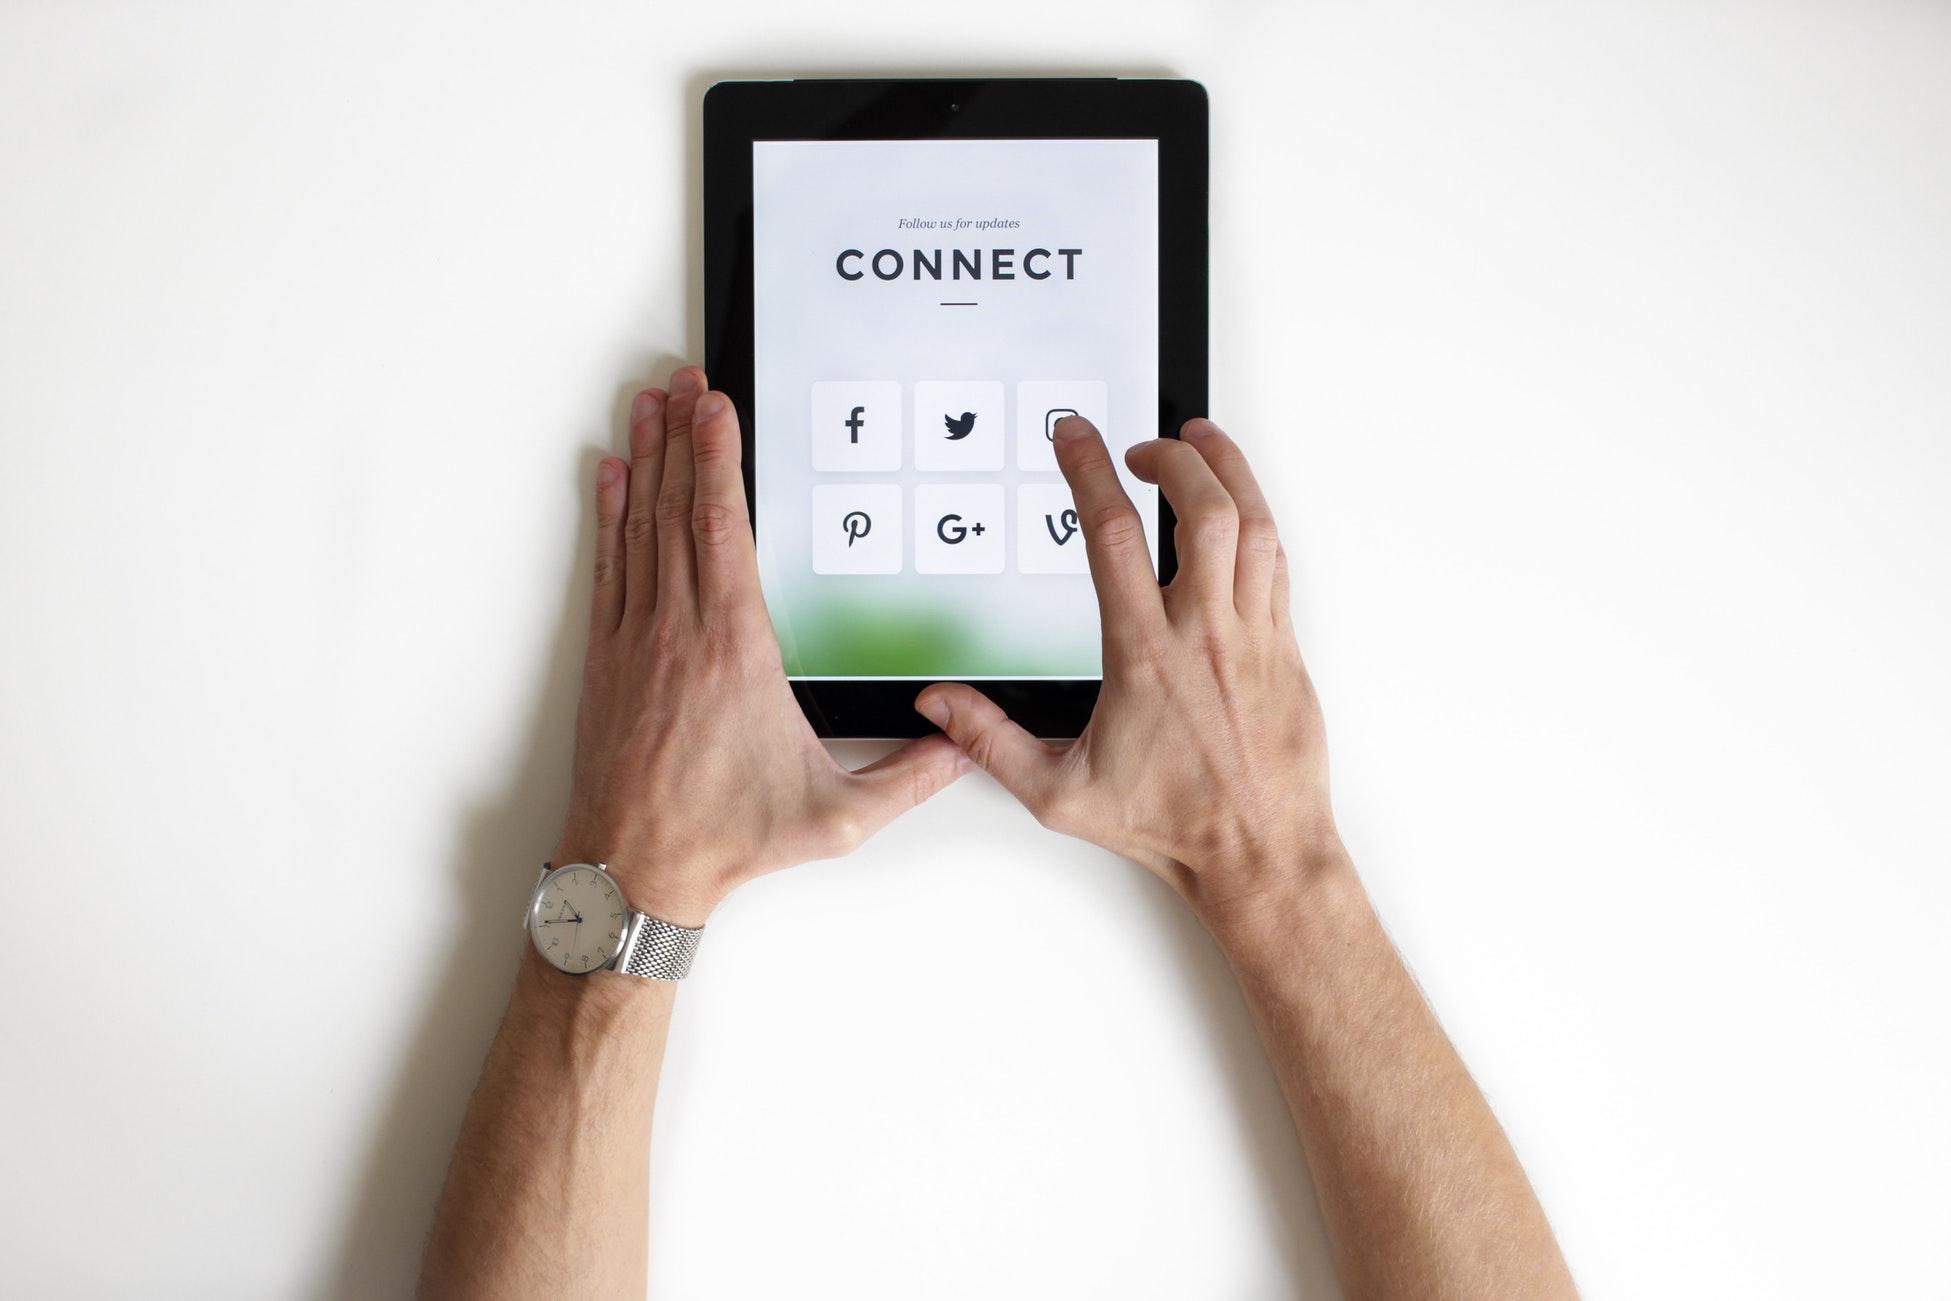 数字营销公司,究竟是什么?